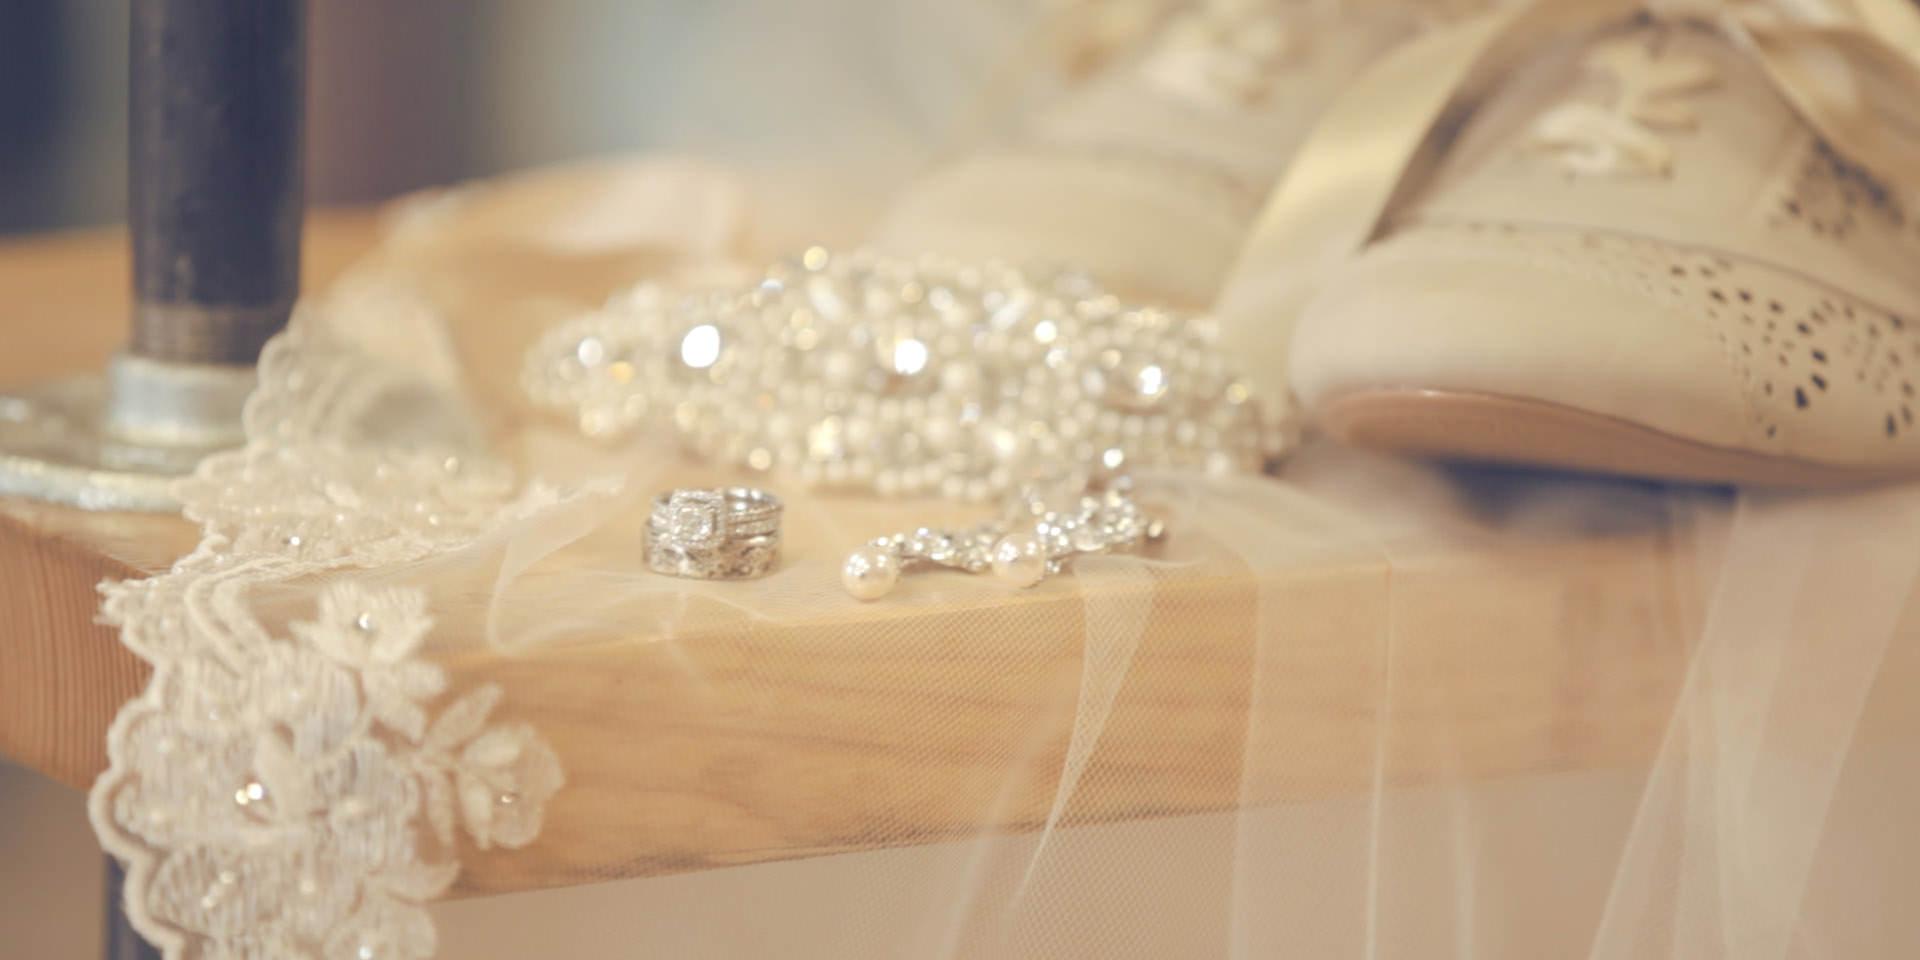 travis&katie wedding story.00_00_00_15.Still001.jpg